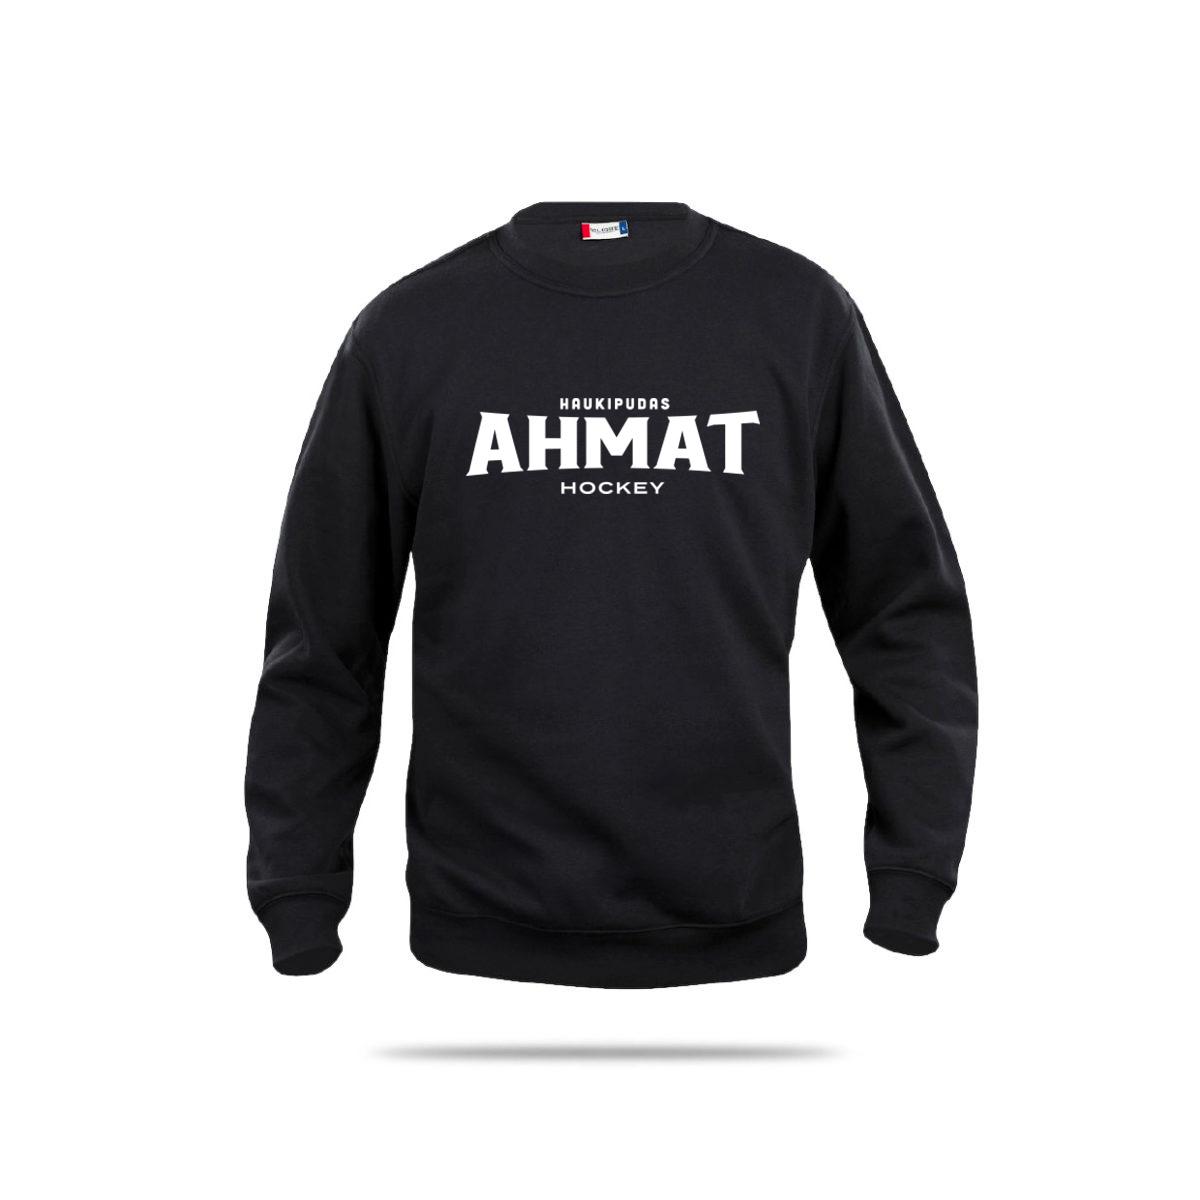 Ahmat-fani-3023-musta-text